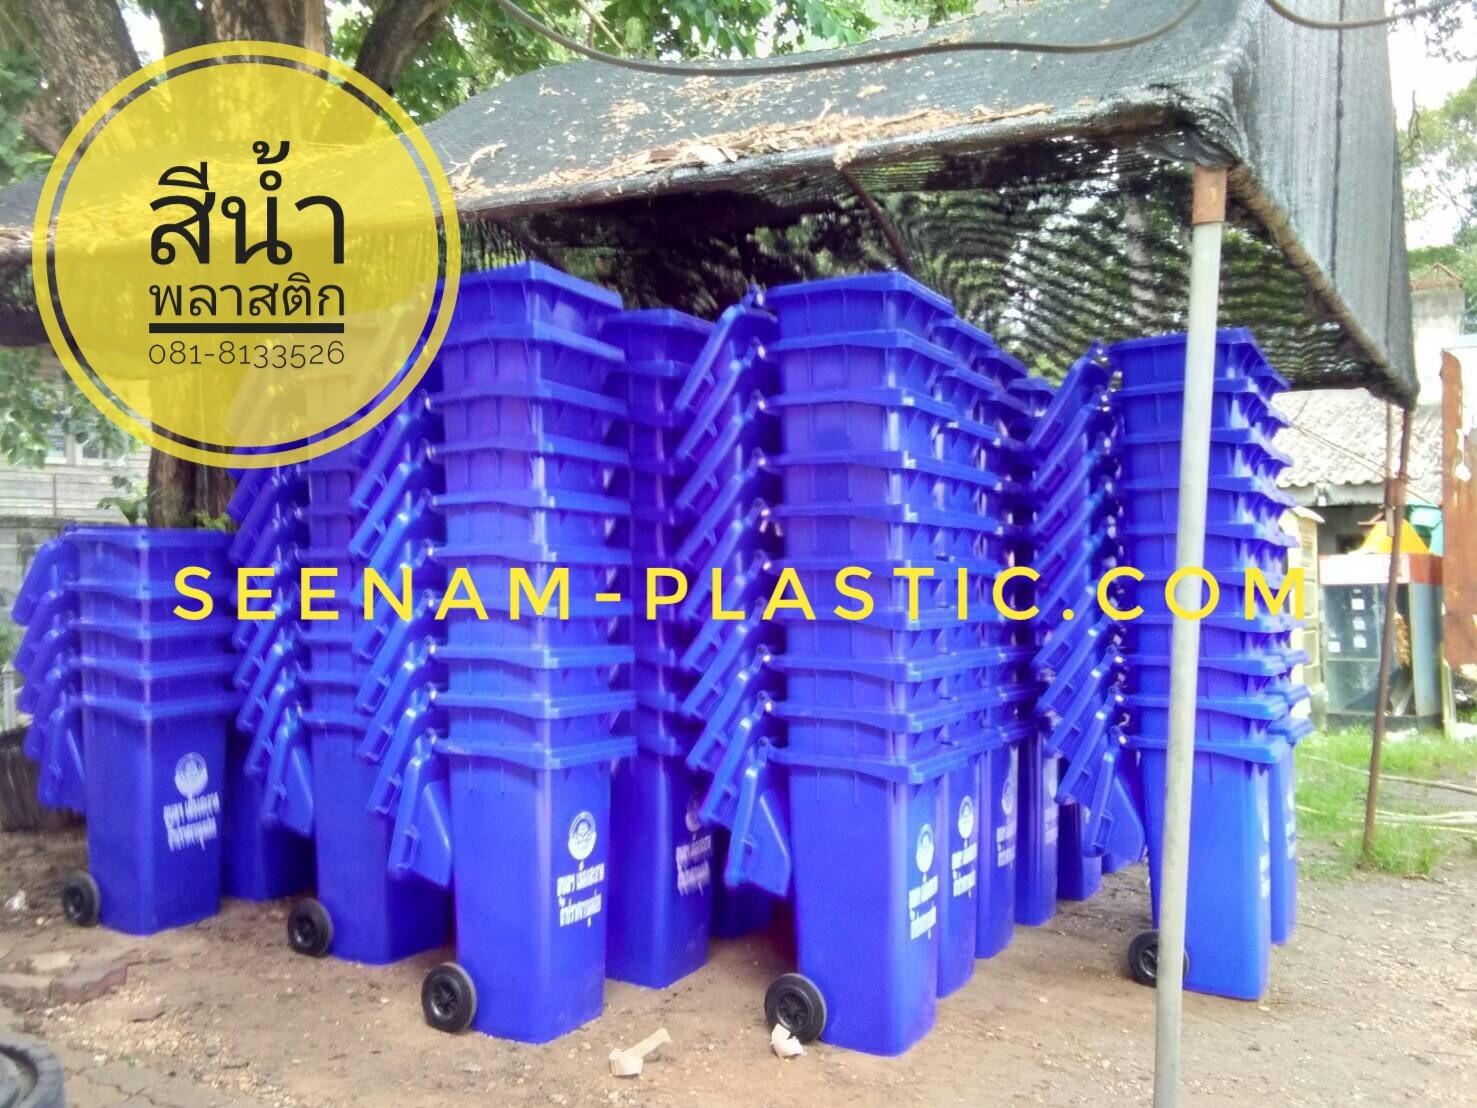 ถังขยะพลาสติก ถังขยะพลาสติก120ลิตร ถังขยะ120ลิตร ถังขยะเทศบาล ถังขยะมีล้อ ถังขยะ